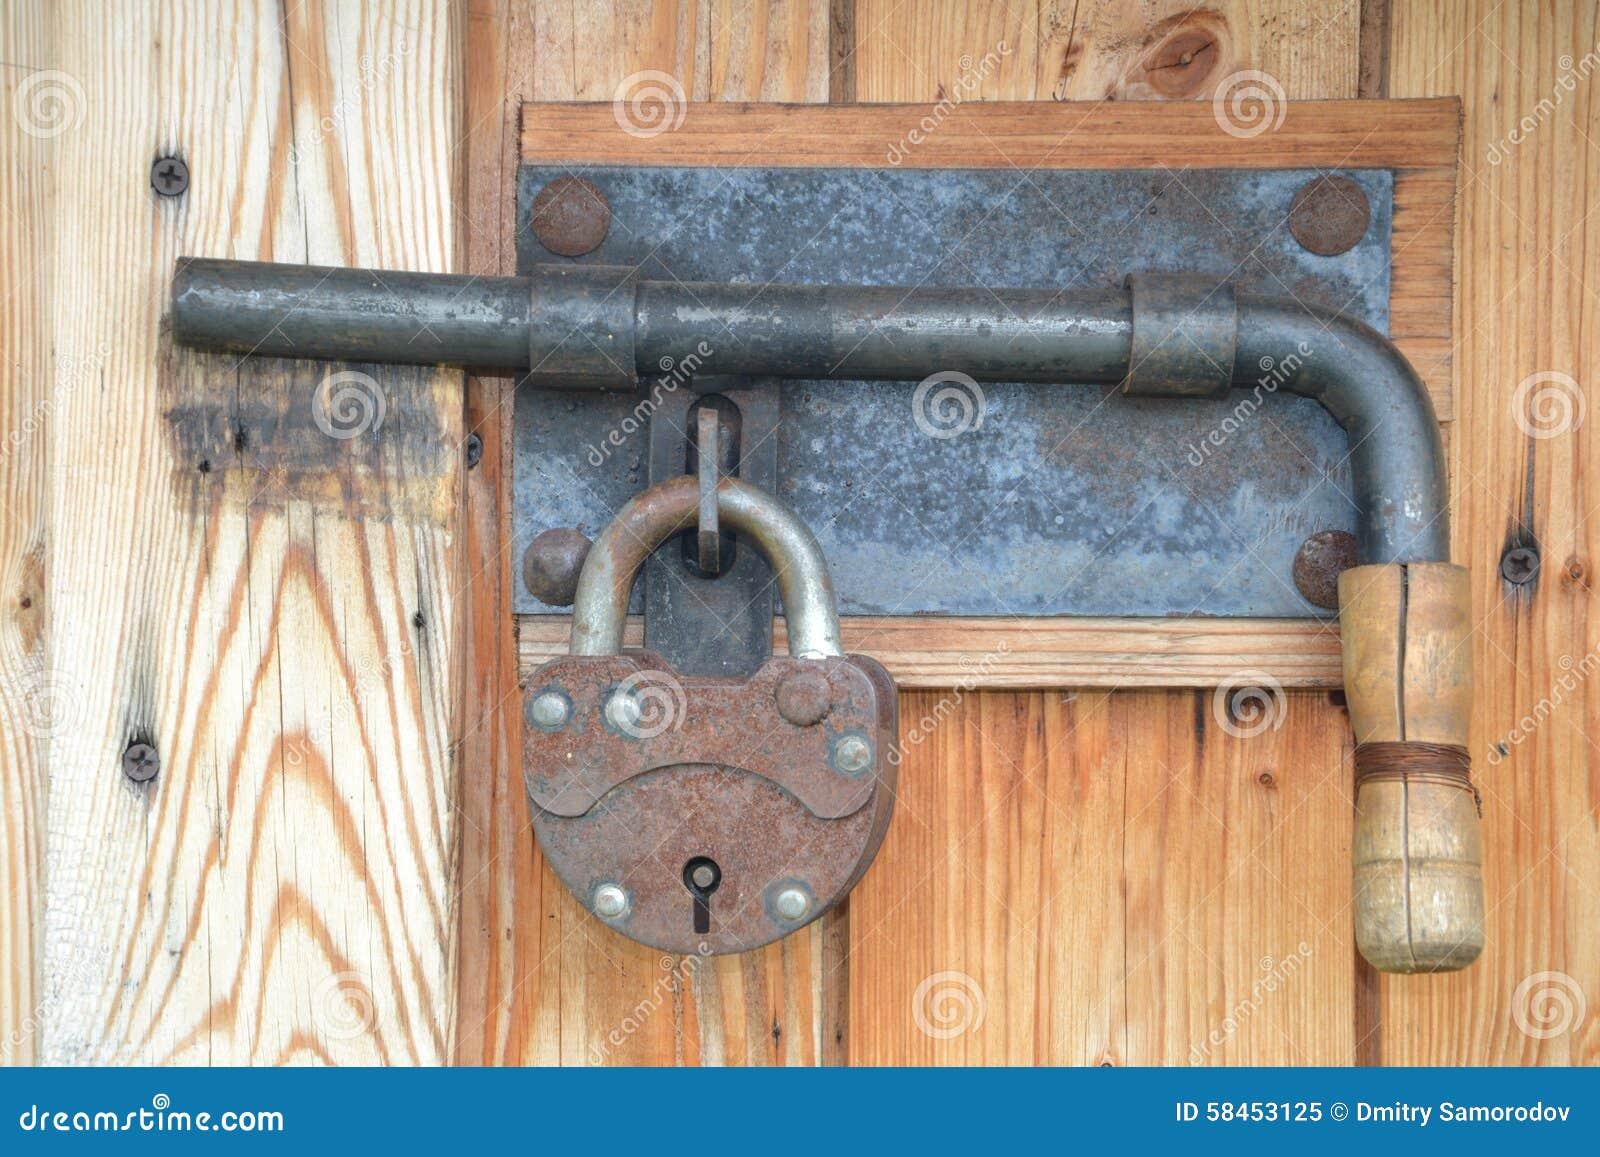 porte ferm e avec une estacade claire voie et un cadenas image stock image du coffre trappe. Black Bedroom Furniture Sets. Home Design Ideas